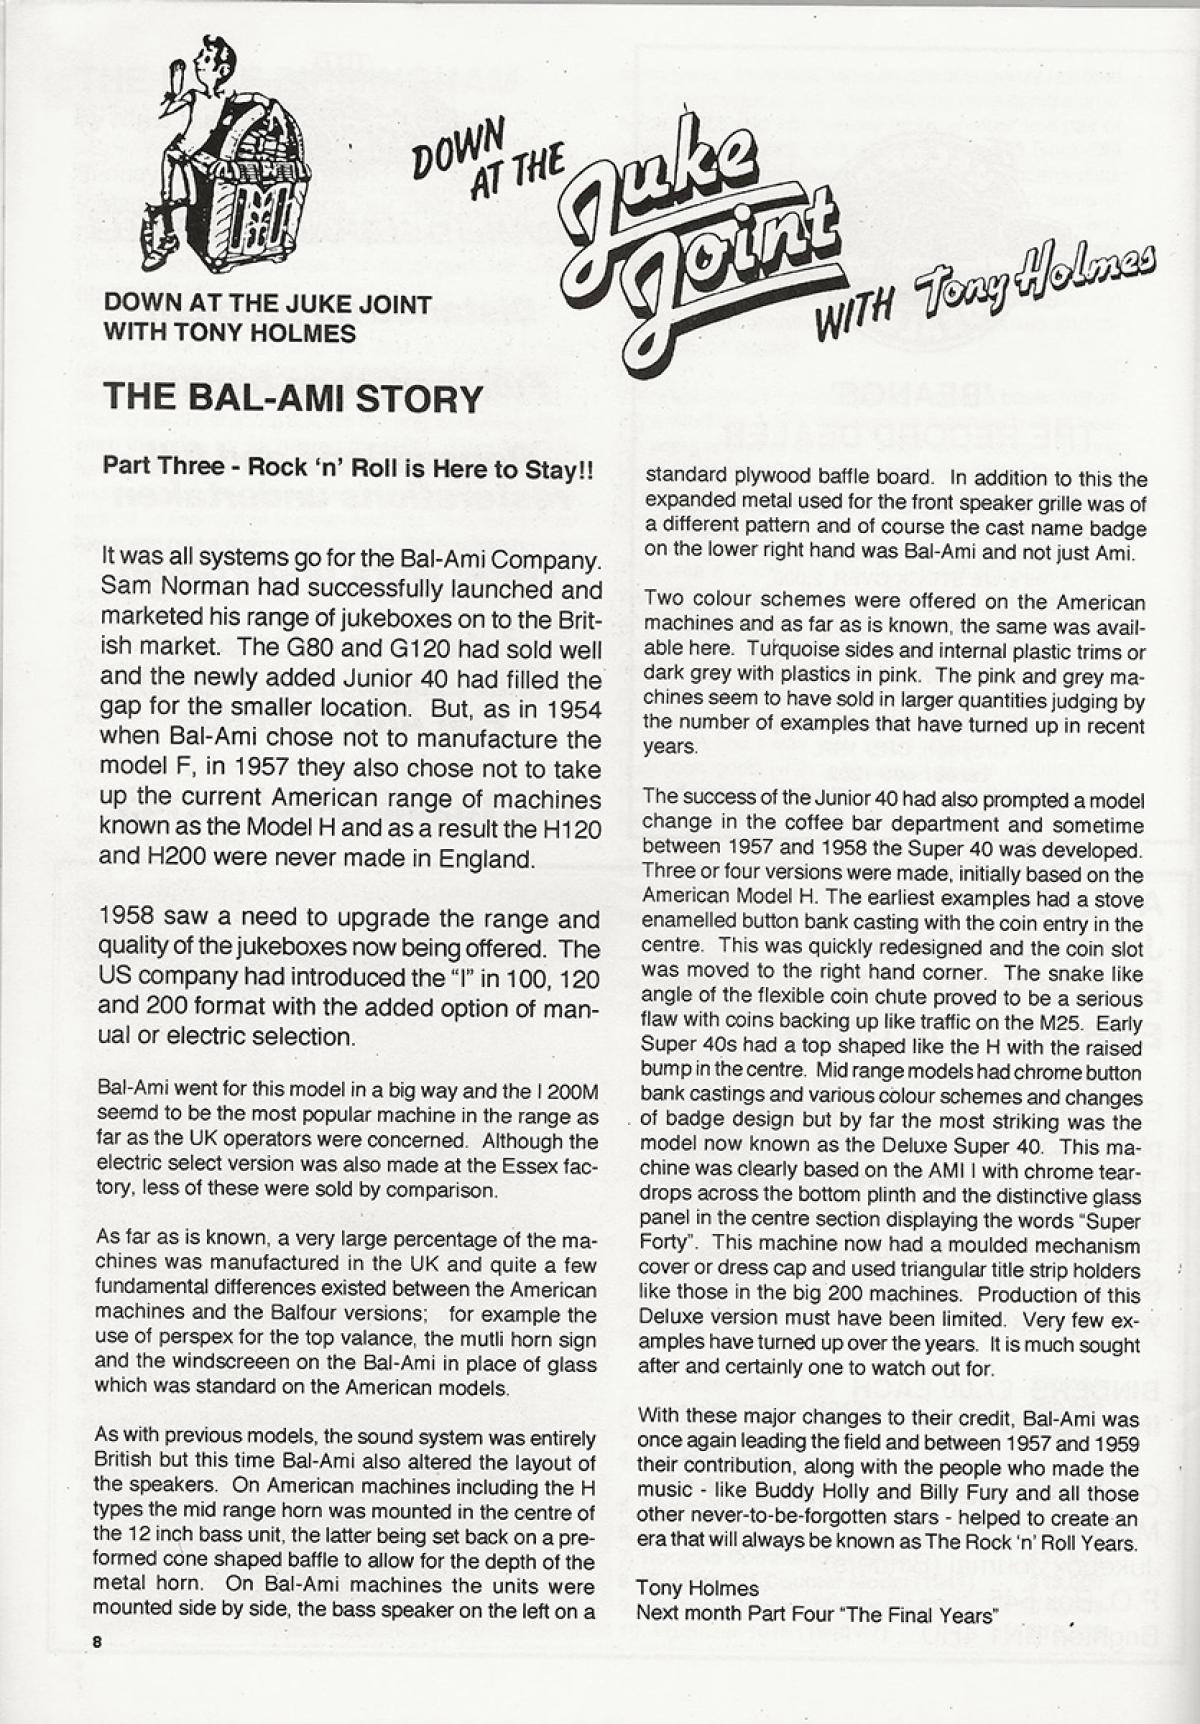 The BAL-AMi Story By Tony Holmes